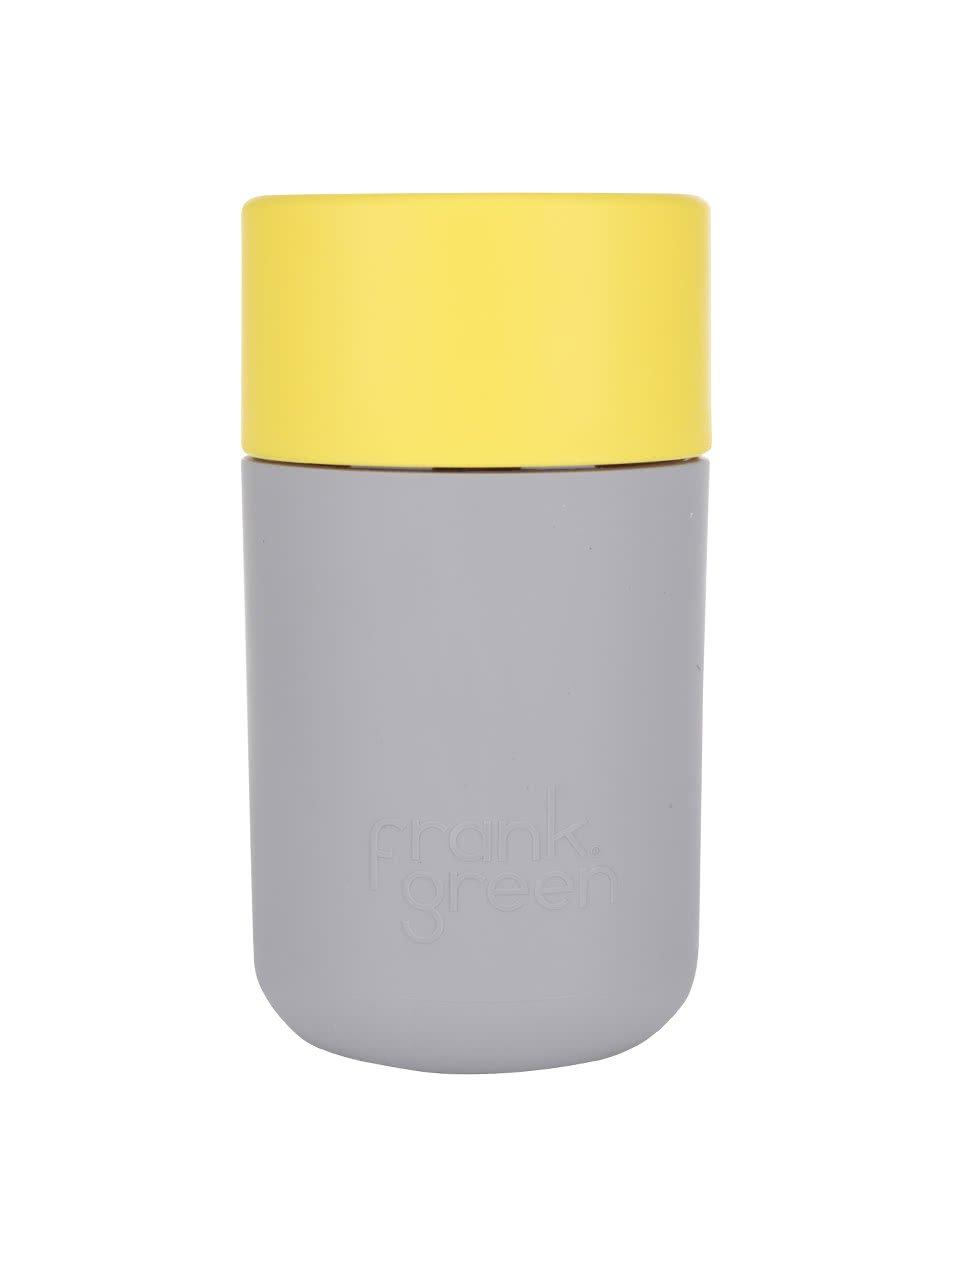 Šedý SmartCup s žlutým víčkem Frank Green 340 ml